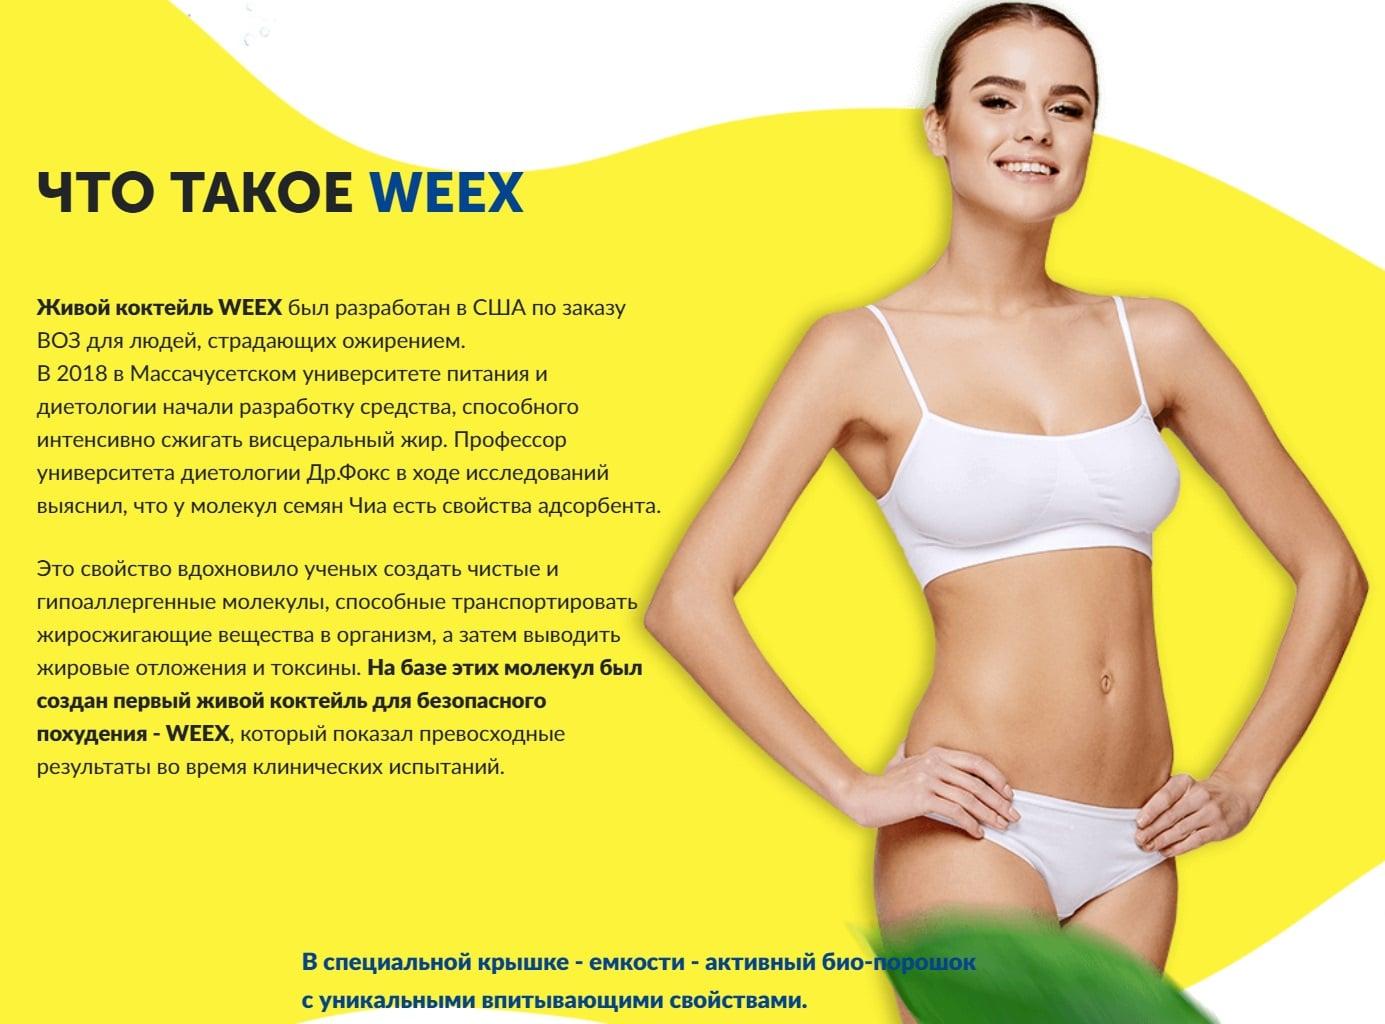 Описание средства Weex для похудения